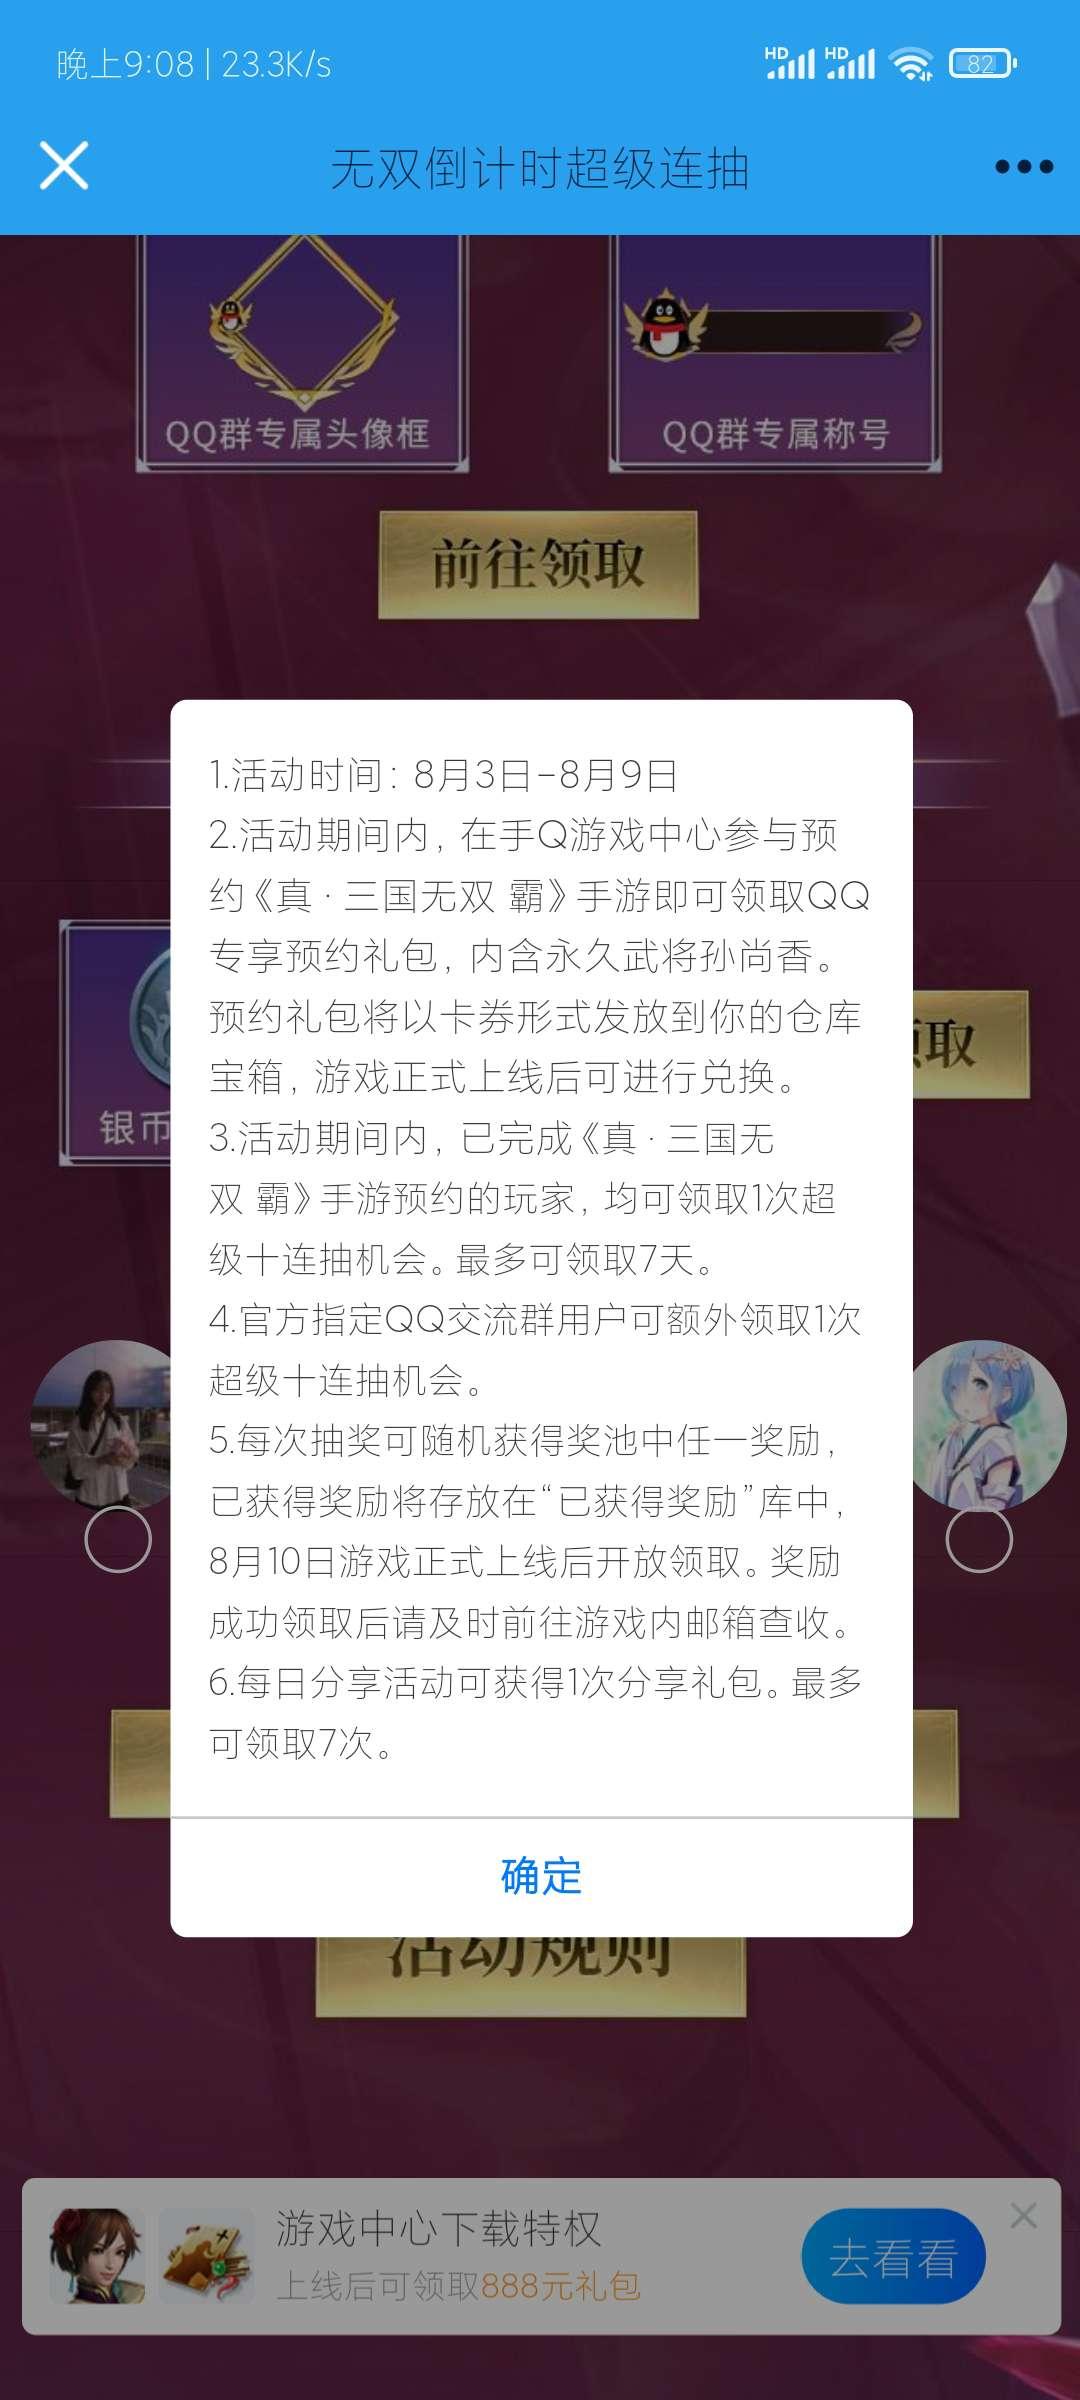 【虚拟道具】无双倒计时抽Q币插图6